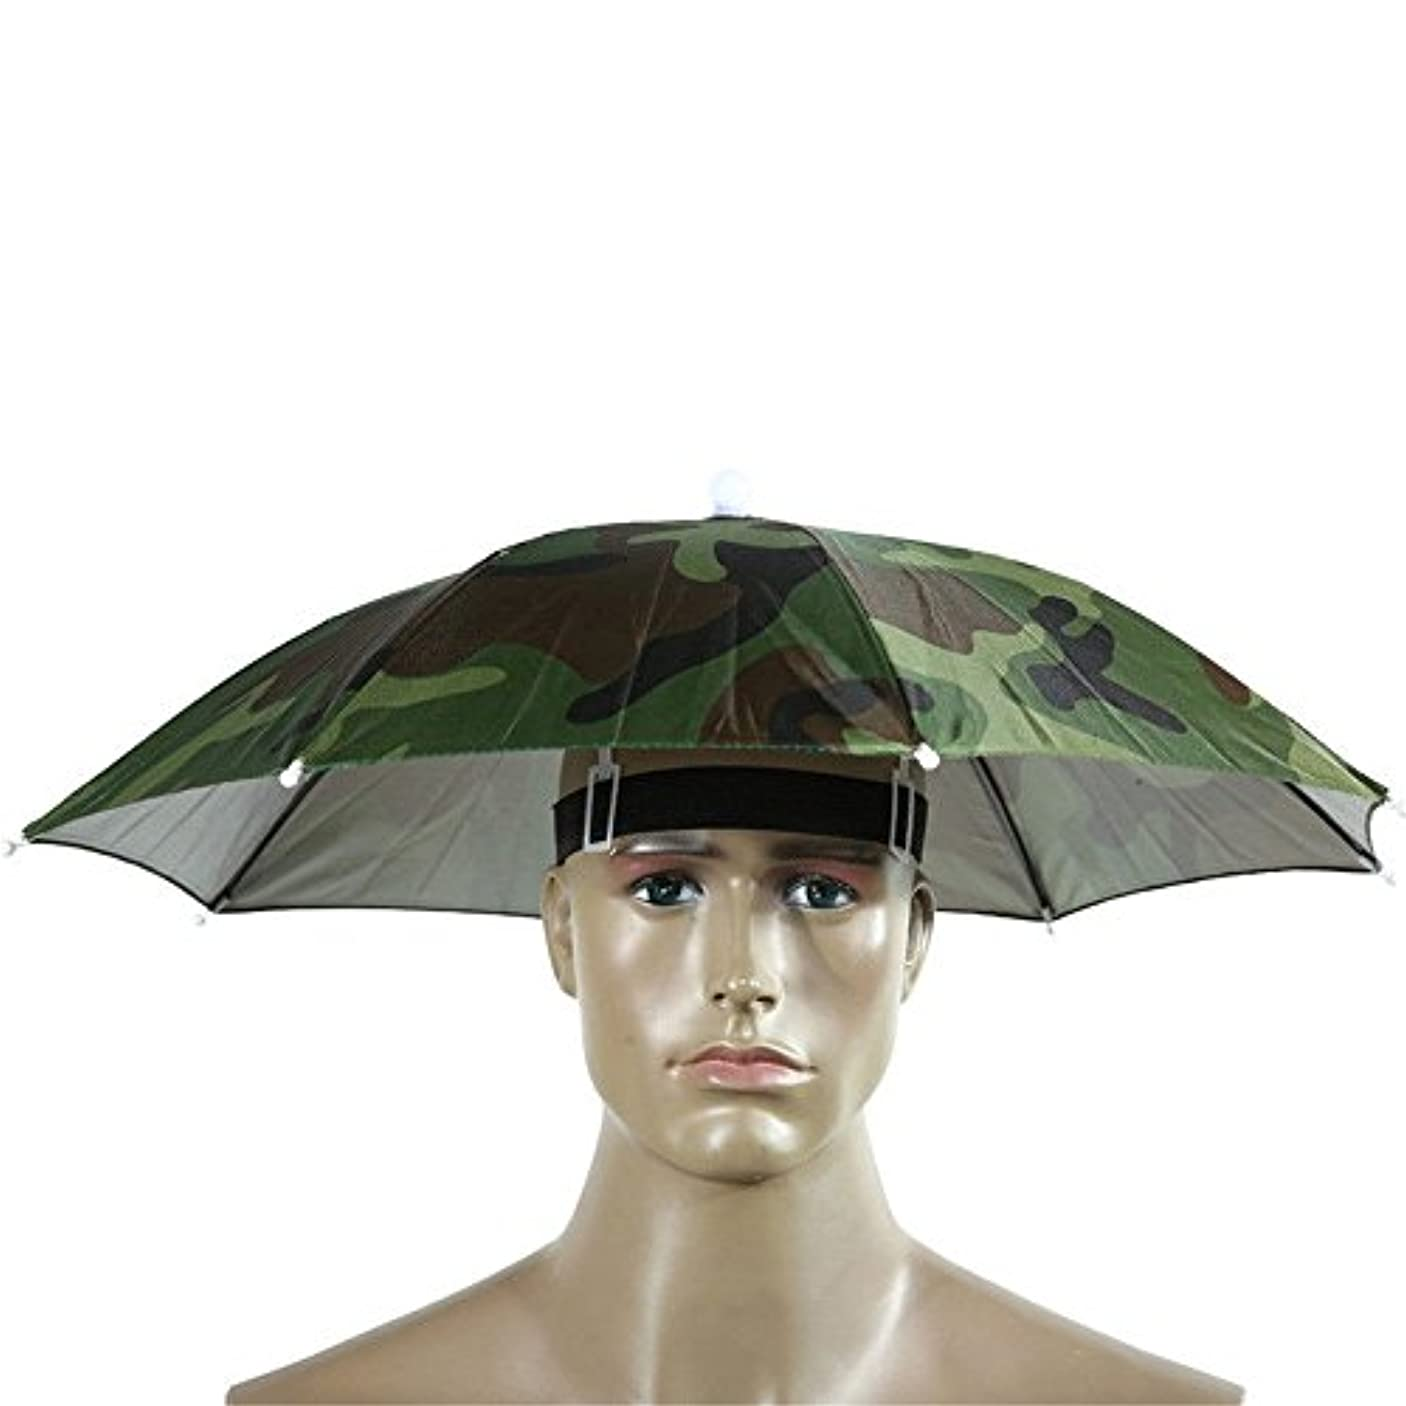 ジョセフバンクス添加剤キリストsfe-umbrellaキャップ、傘帽子キャップ手フリーwithヘッドストラップfor Sun雨、ゴムバンド釣りHeadwear傘帽子 パープル SFE-125